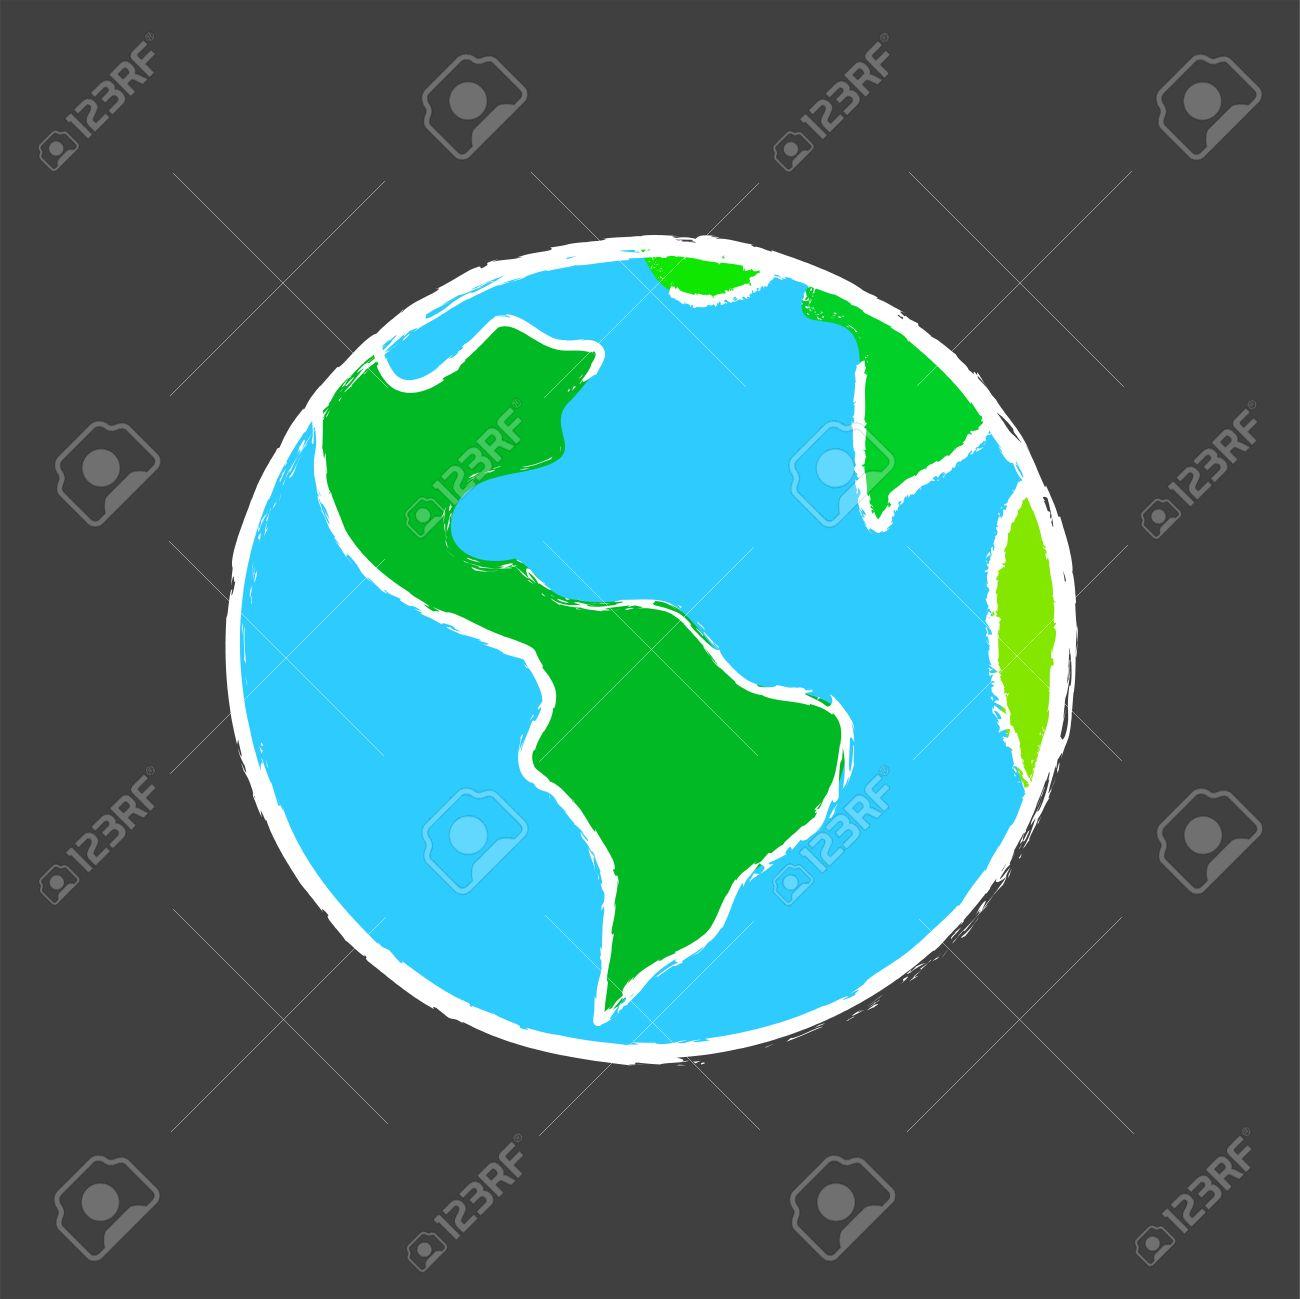 Dessin Planète Terre Sur L école Blackboard